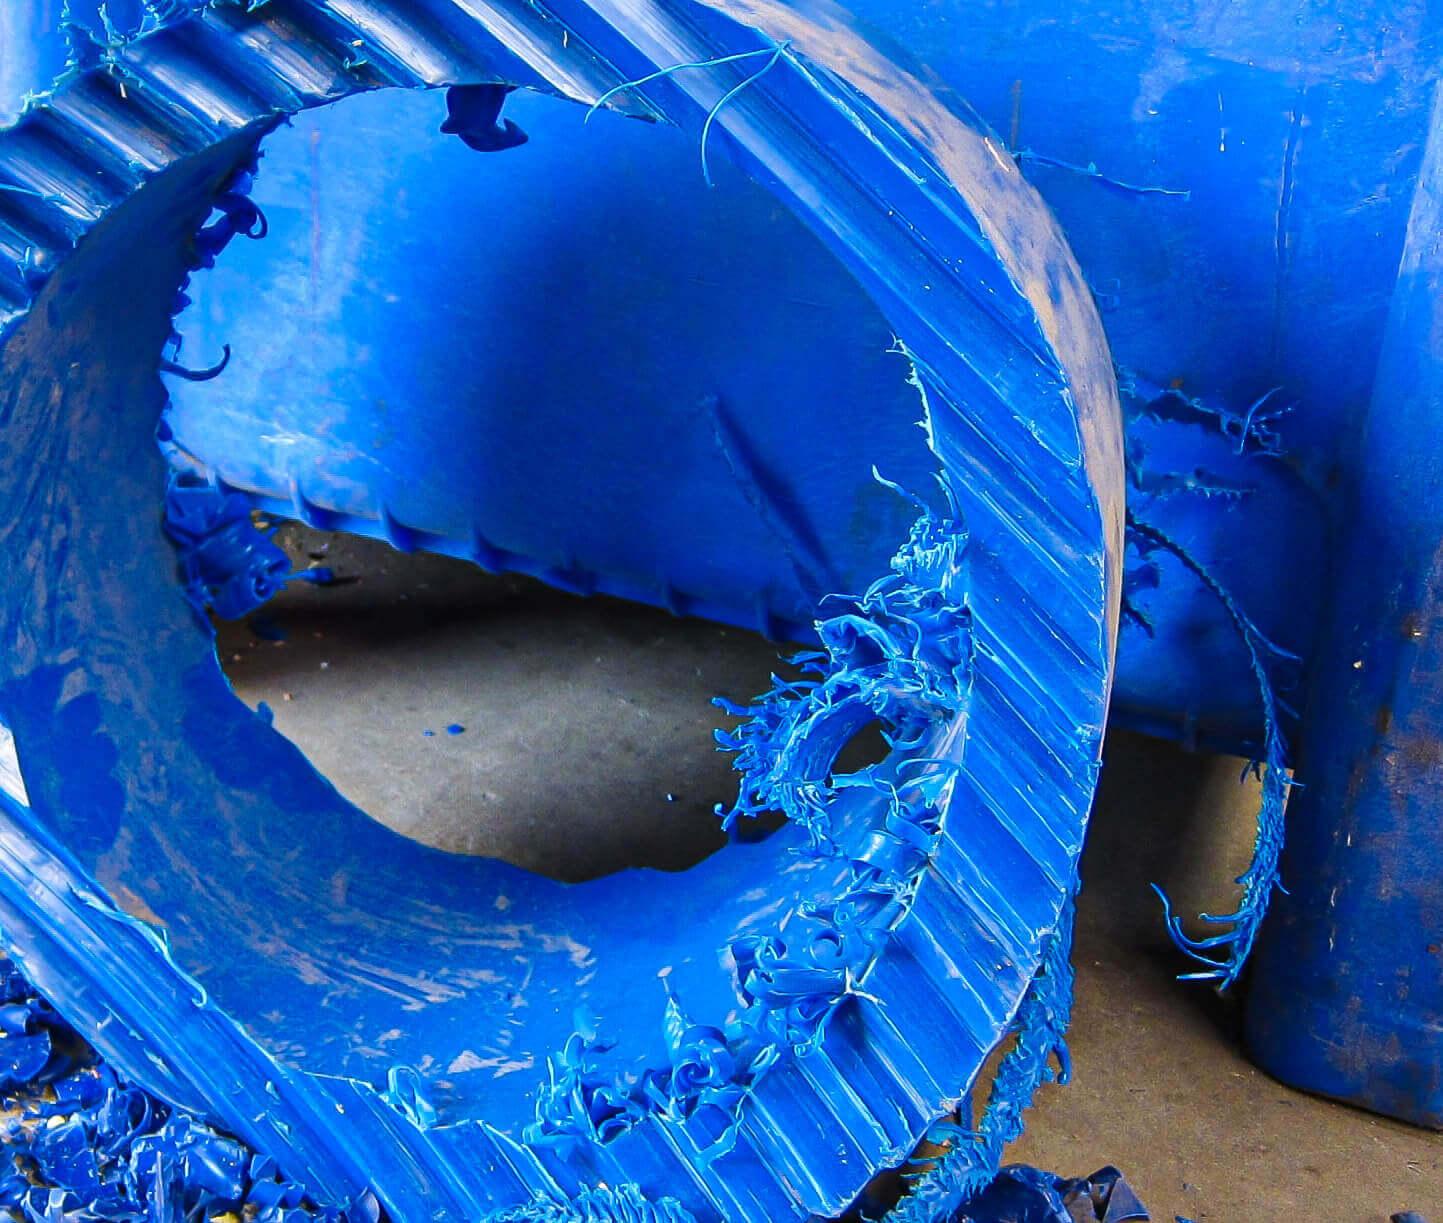 Huge shredded piece of Polypropylene pipe